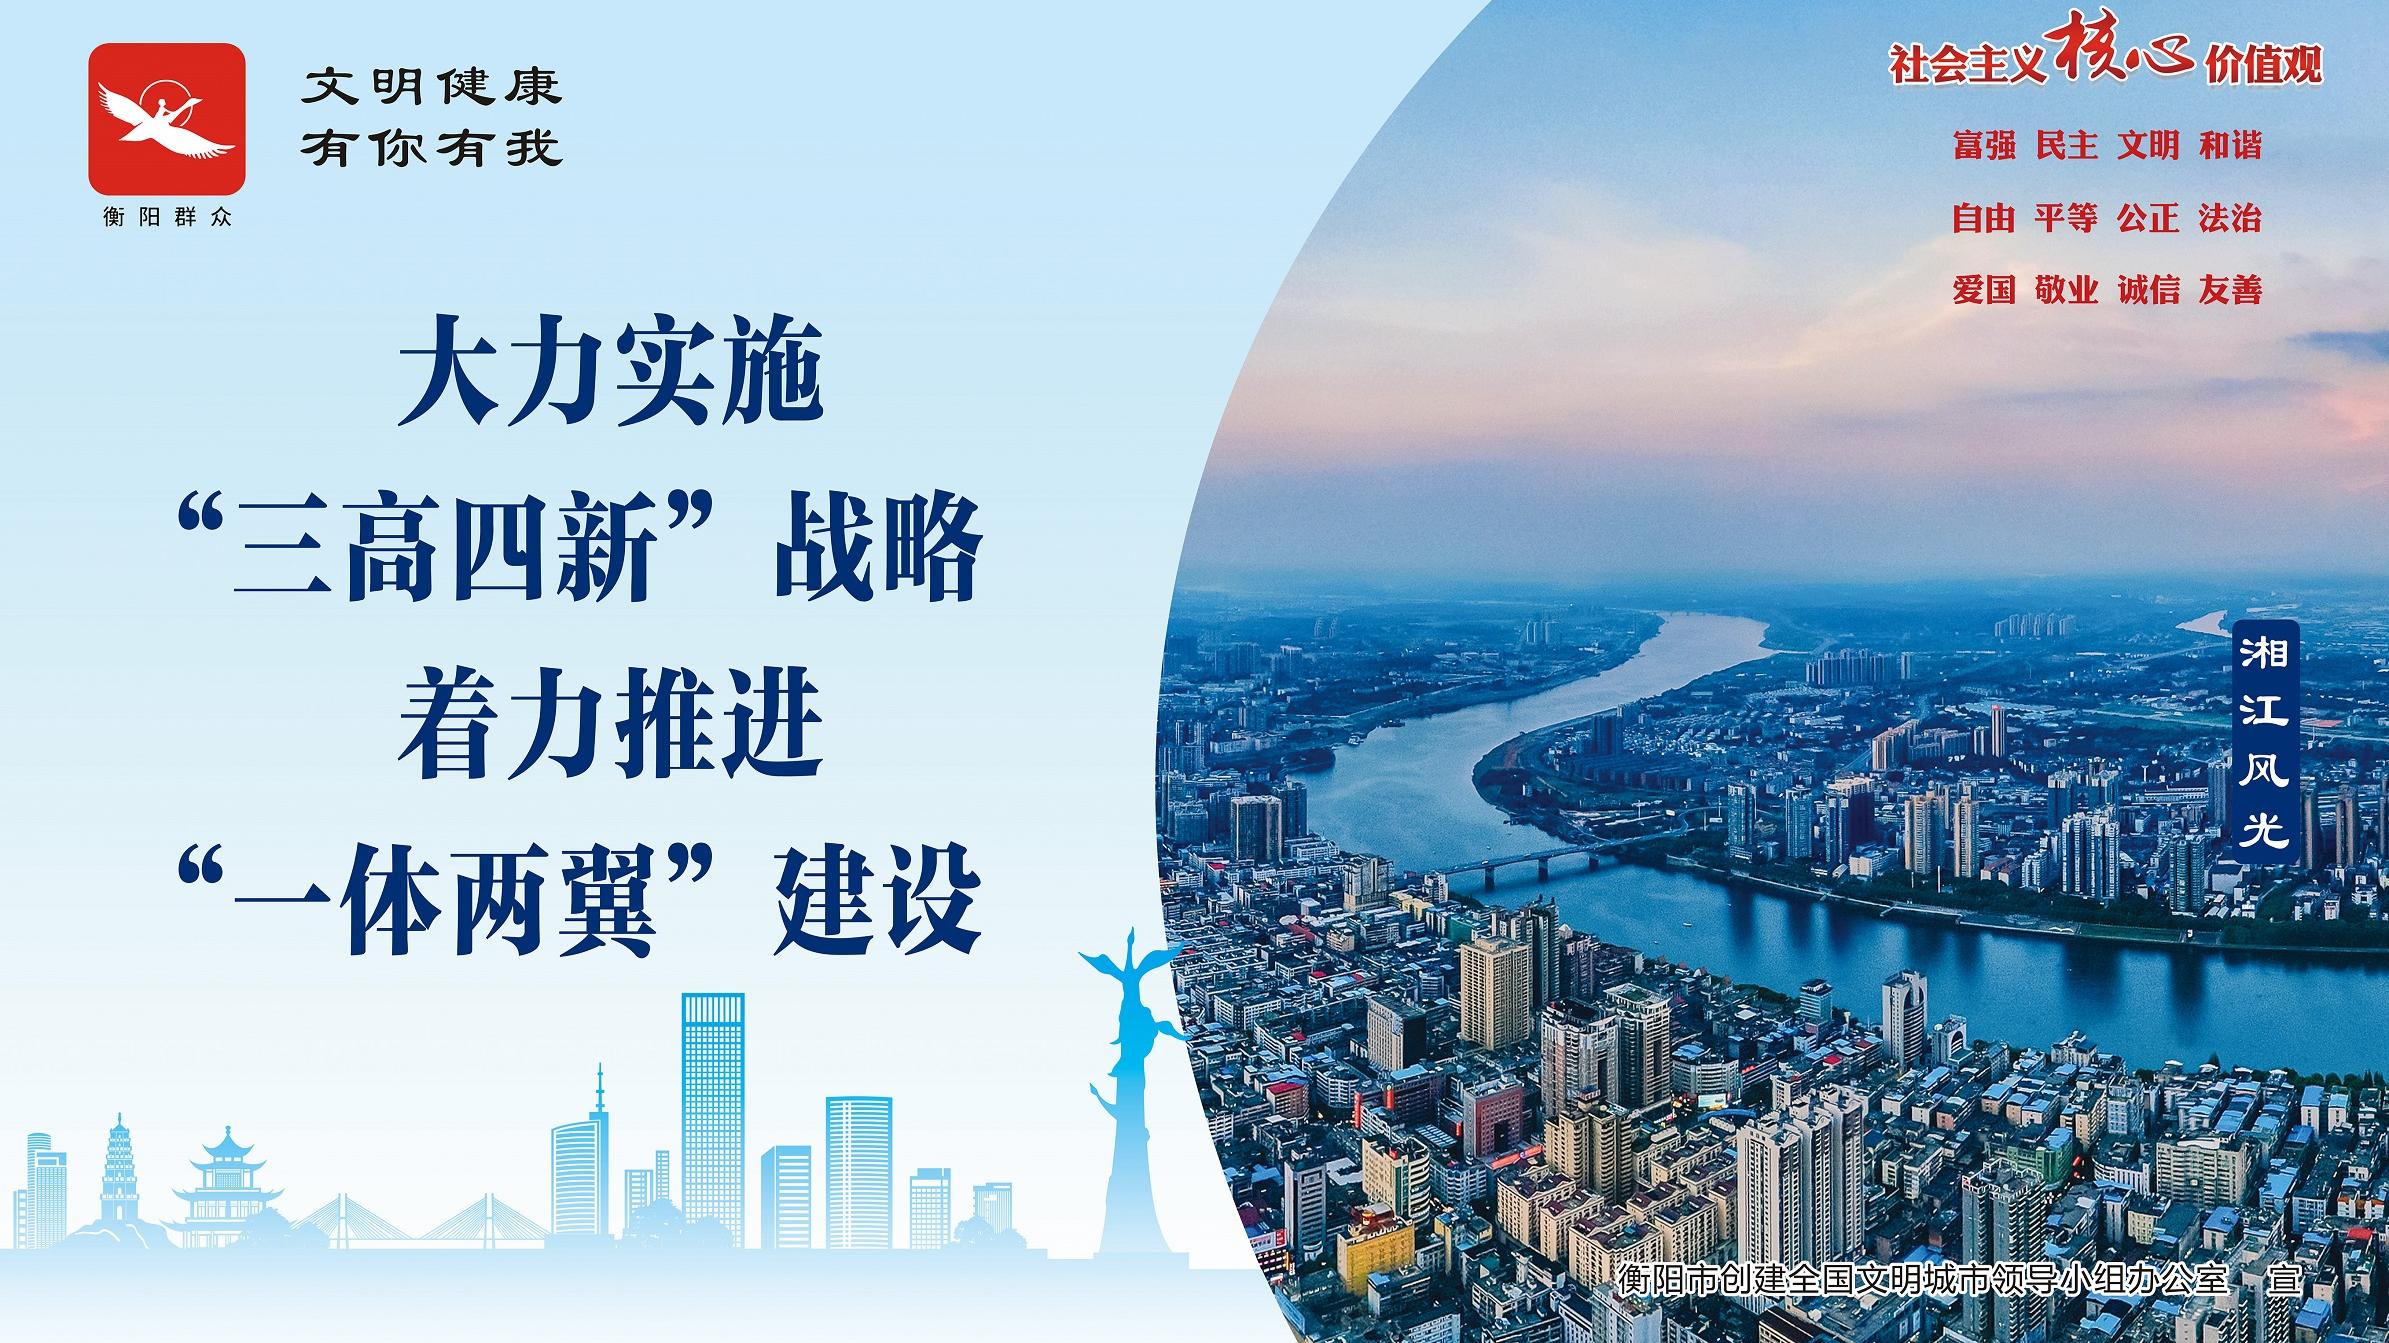 2021年衡阳市文明创建公益广告